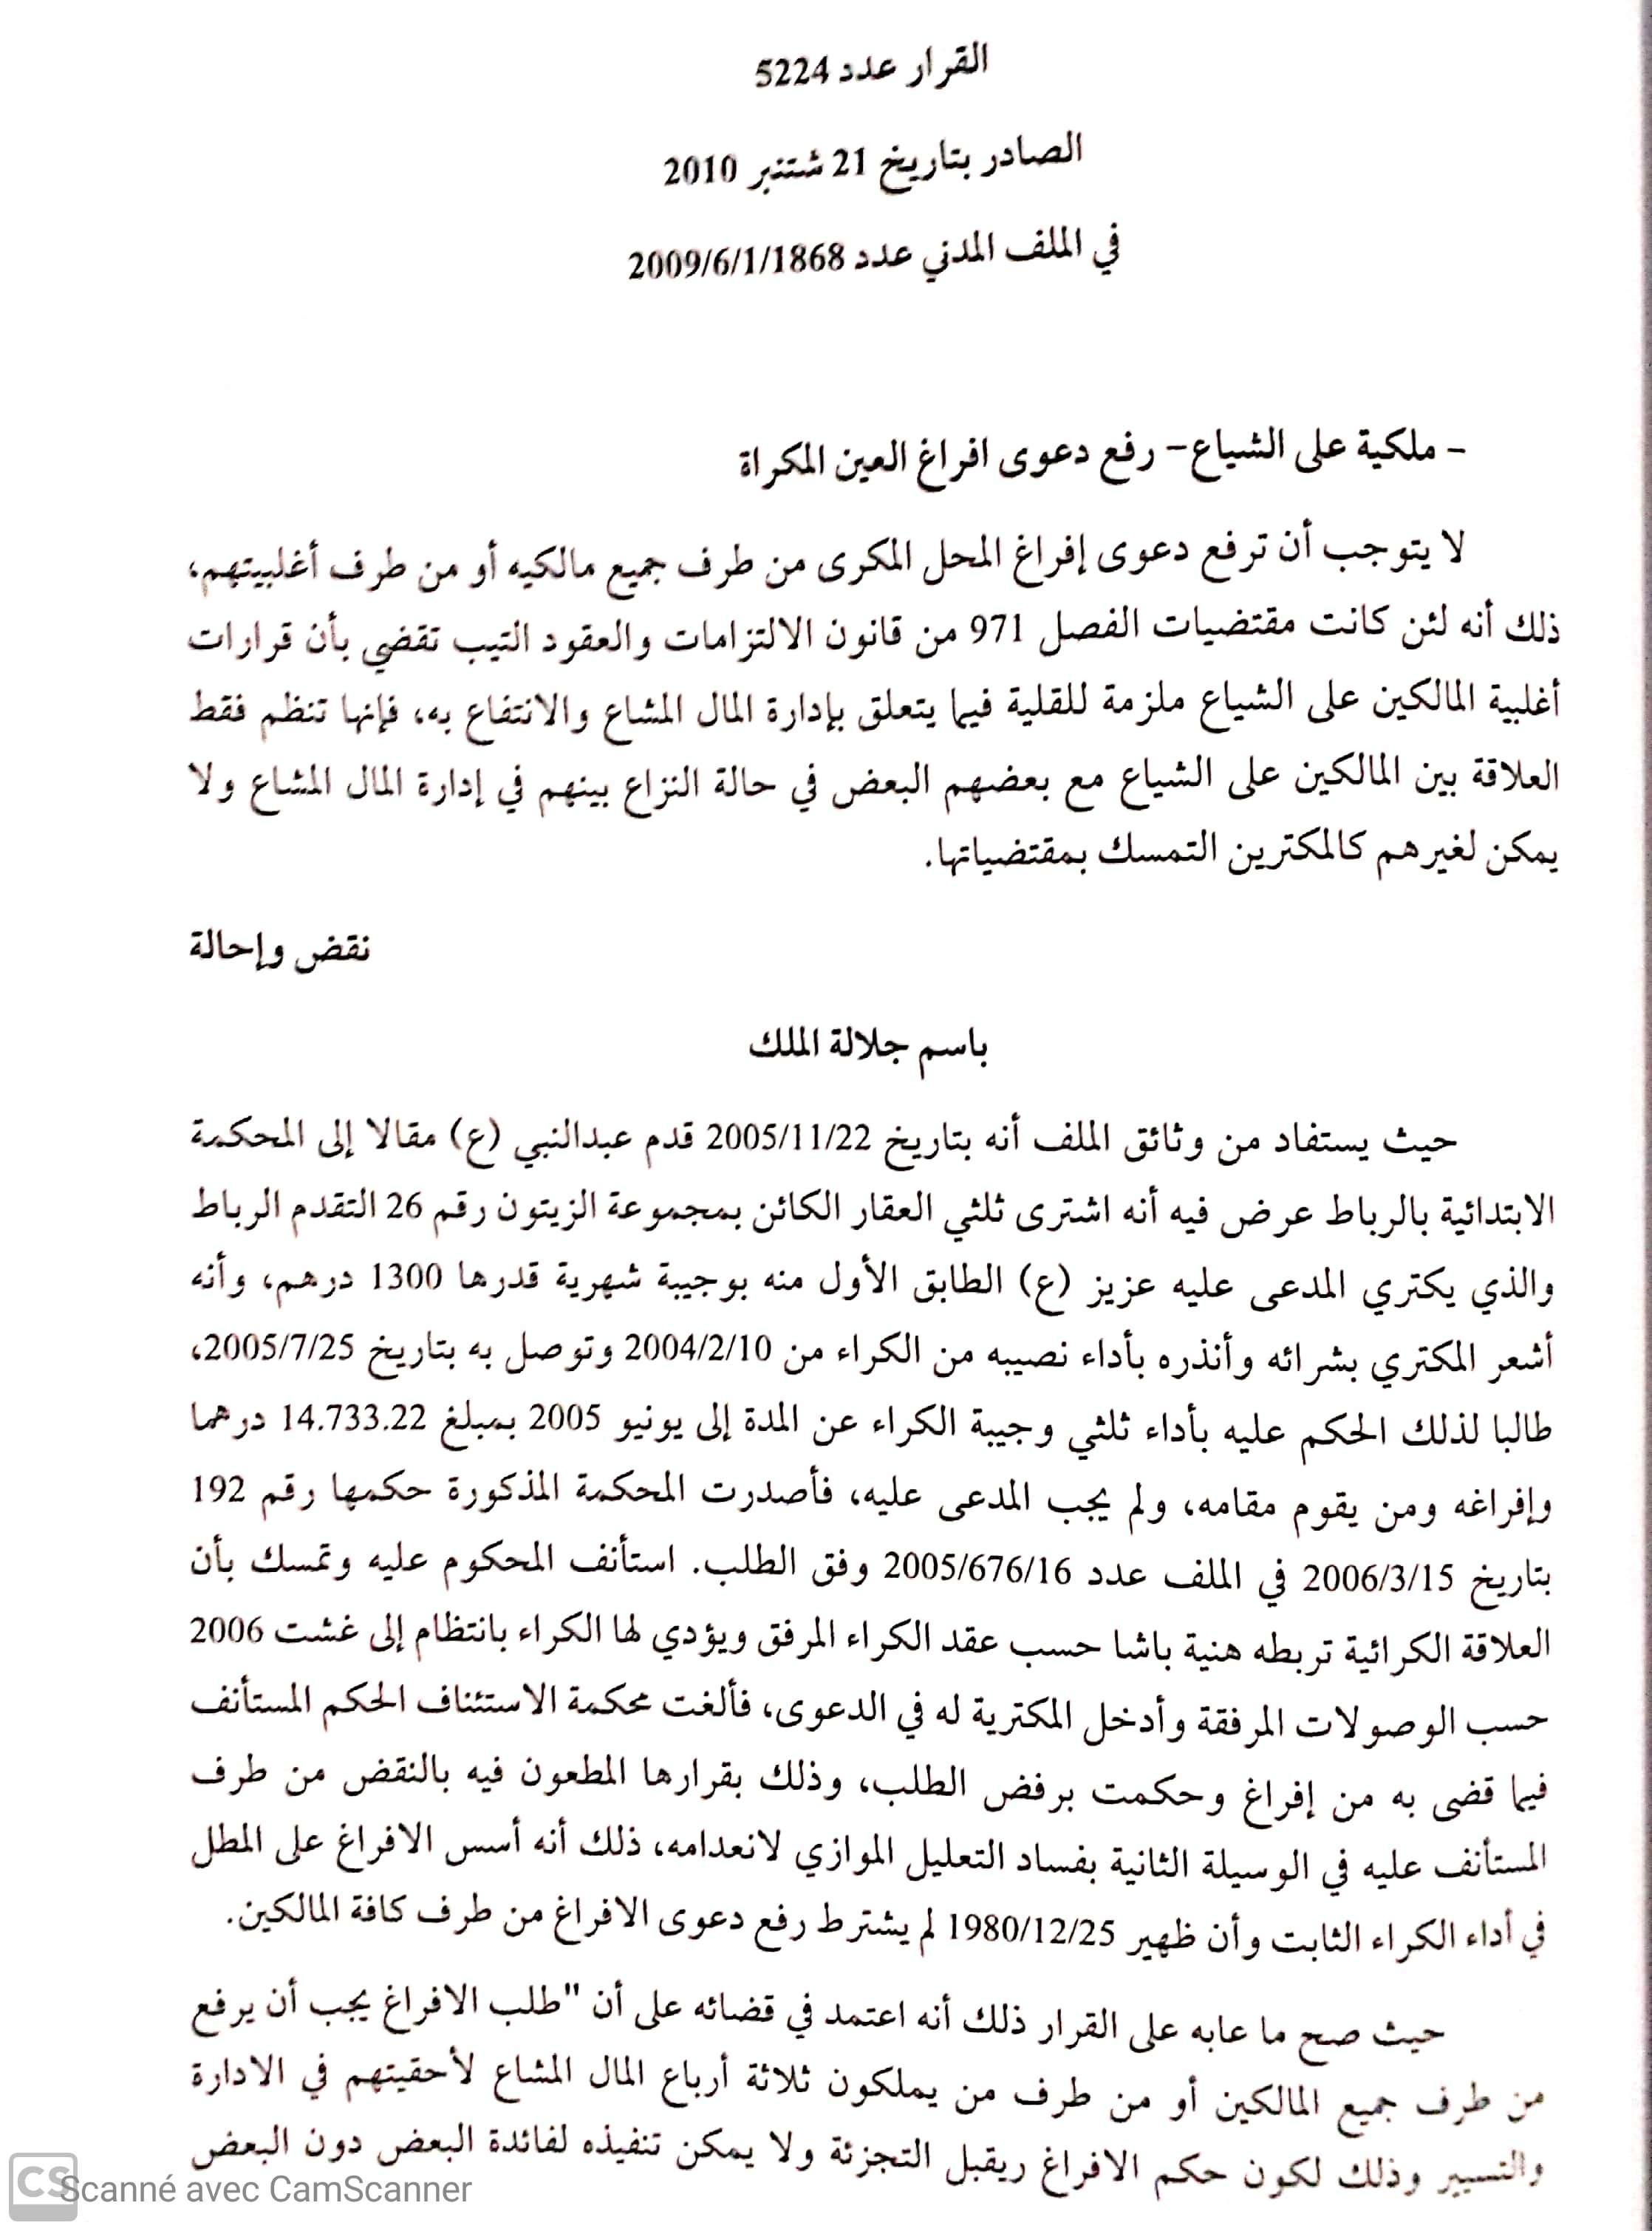 ملكية على الشياع - رفع دعوى افراغ العين المكتراة